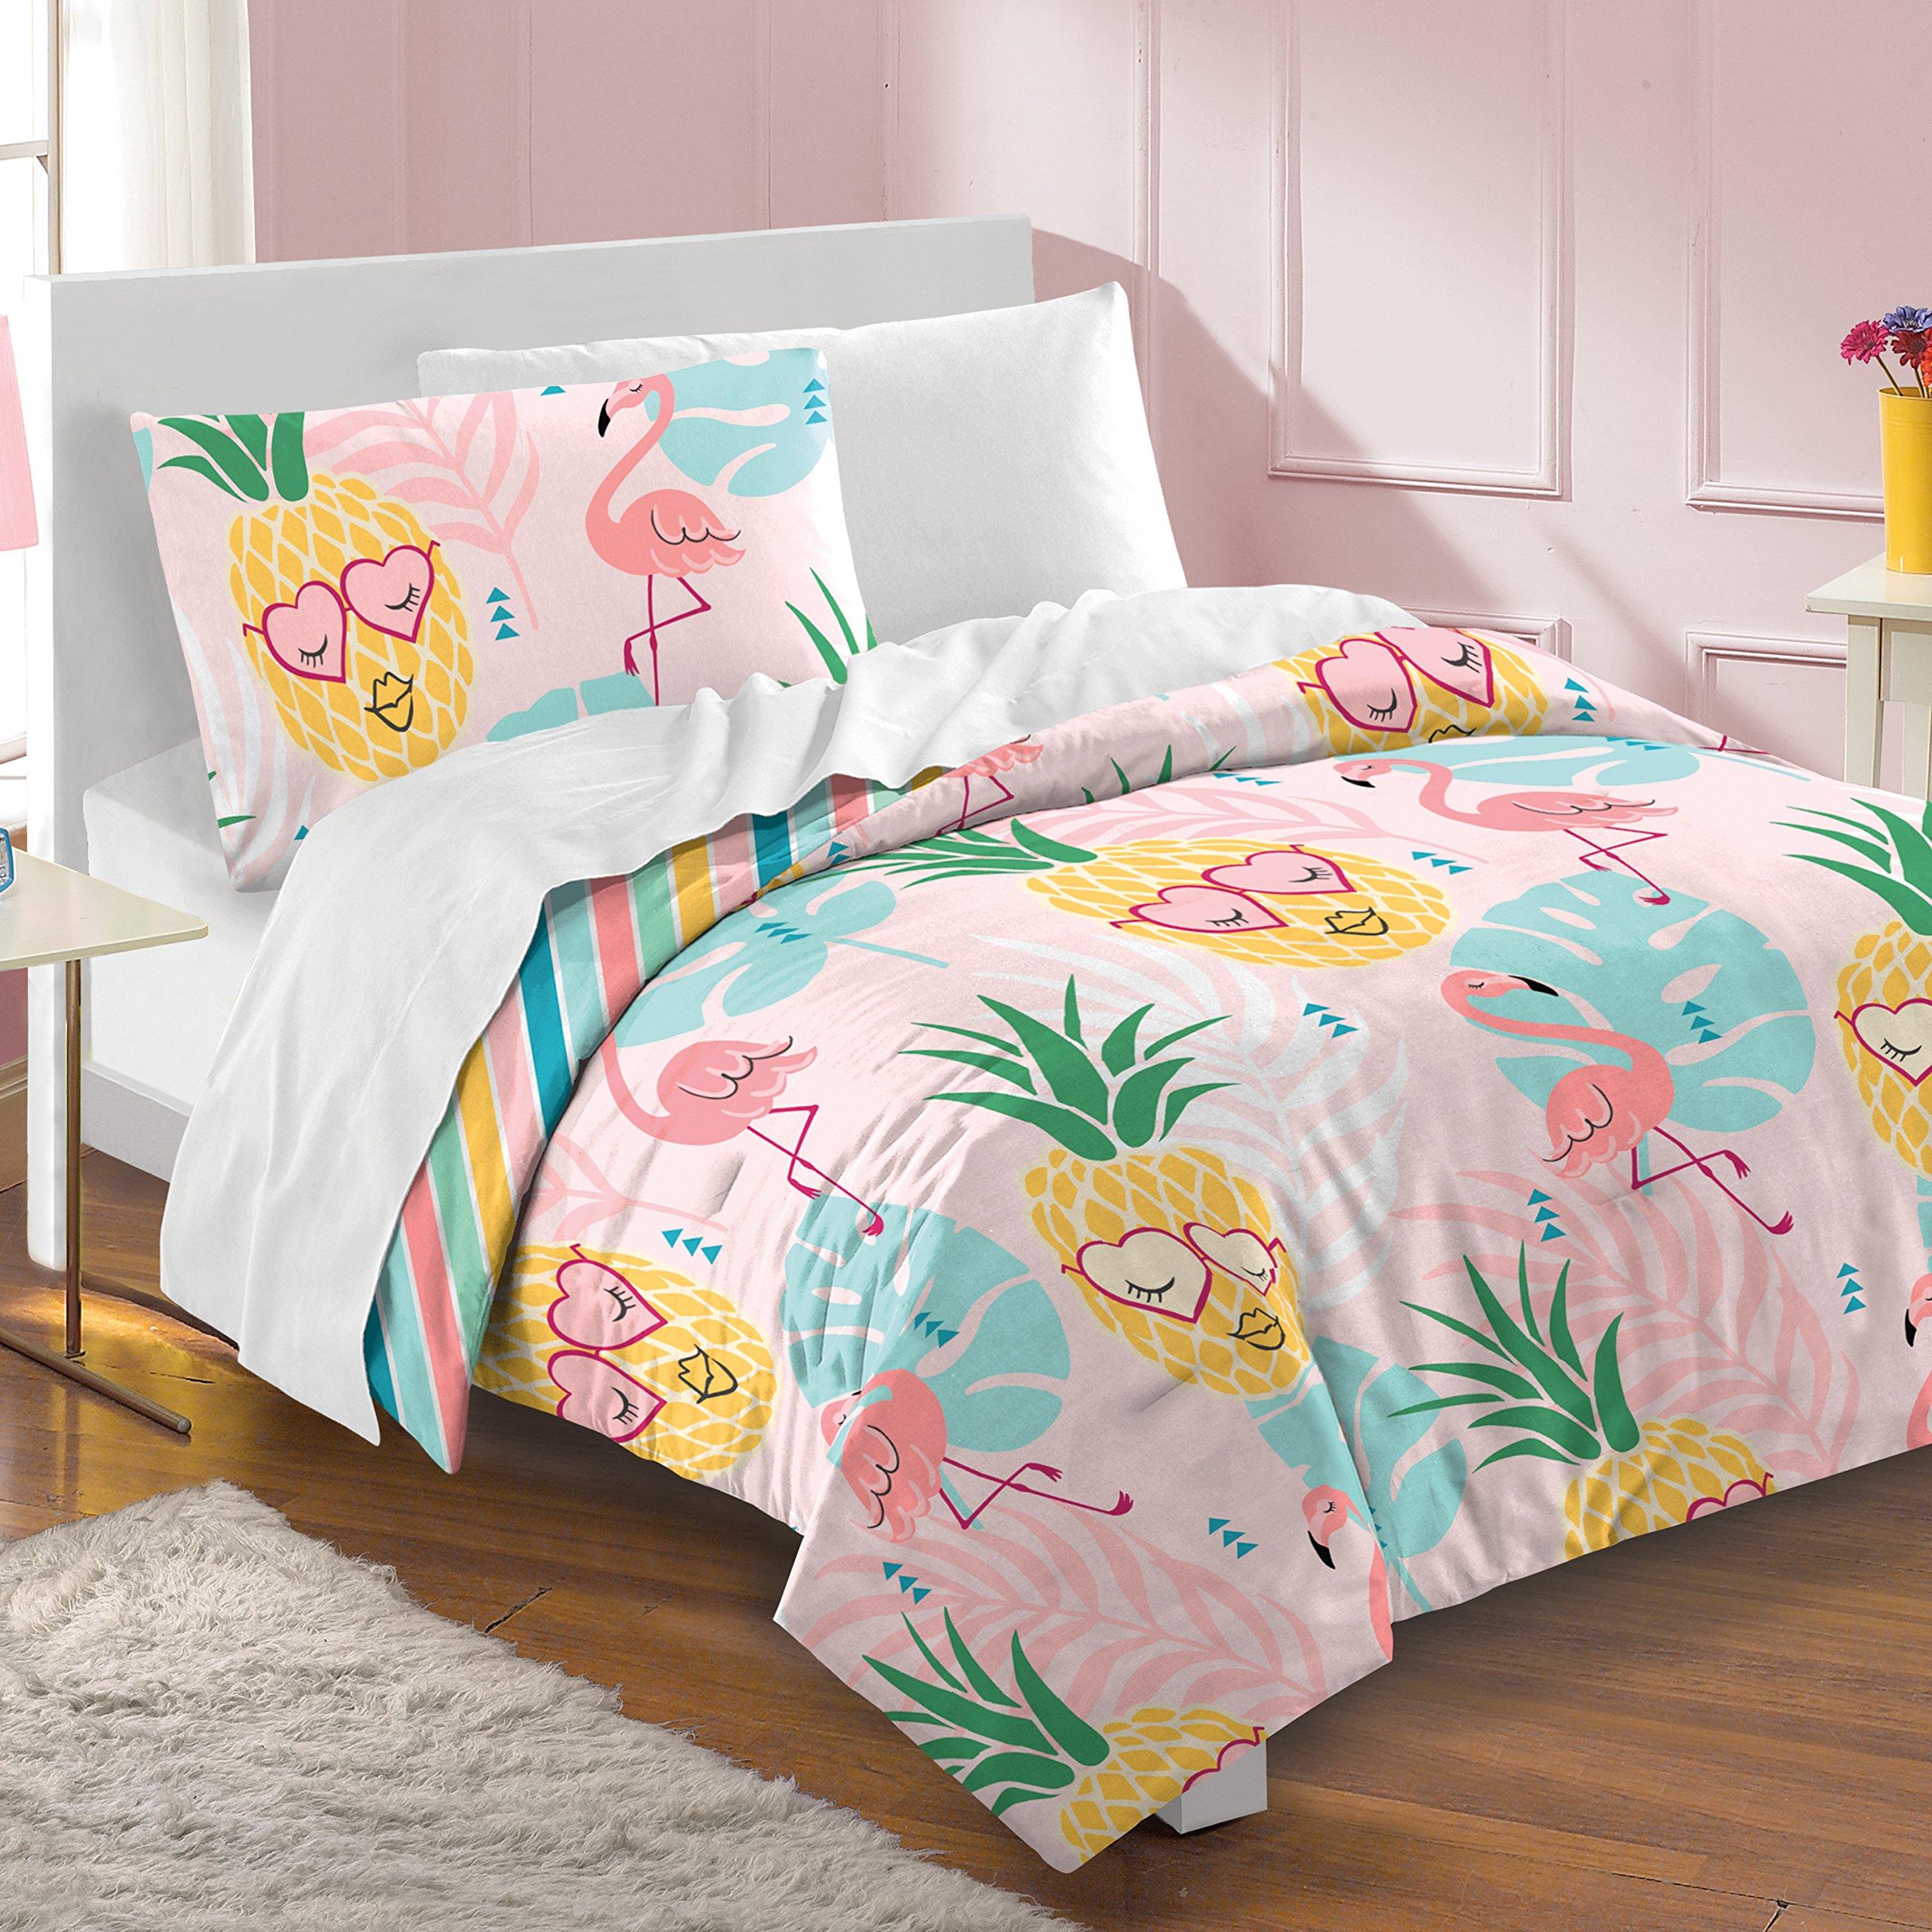 Dream Factory Pineapple Comforter Set, Full/Queen, Pink